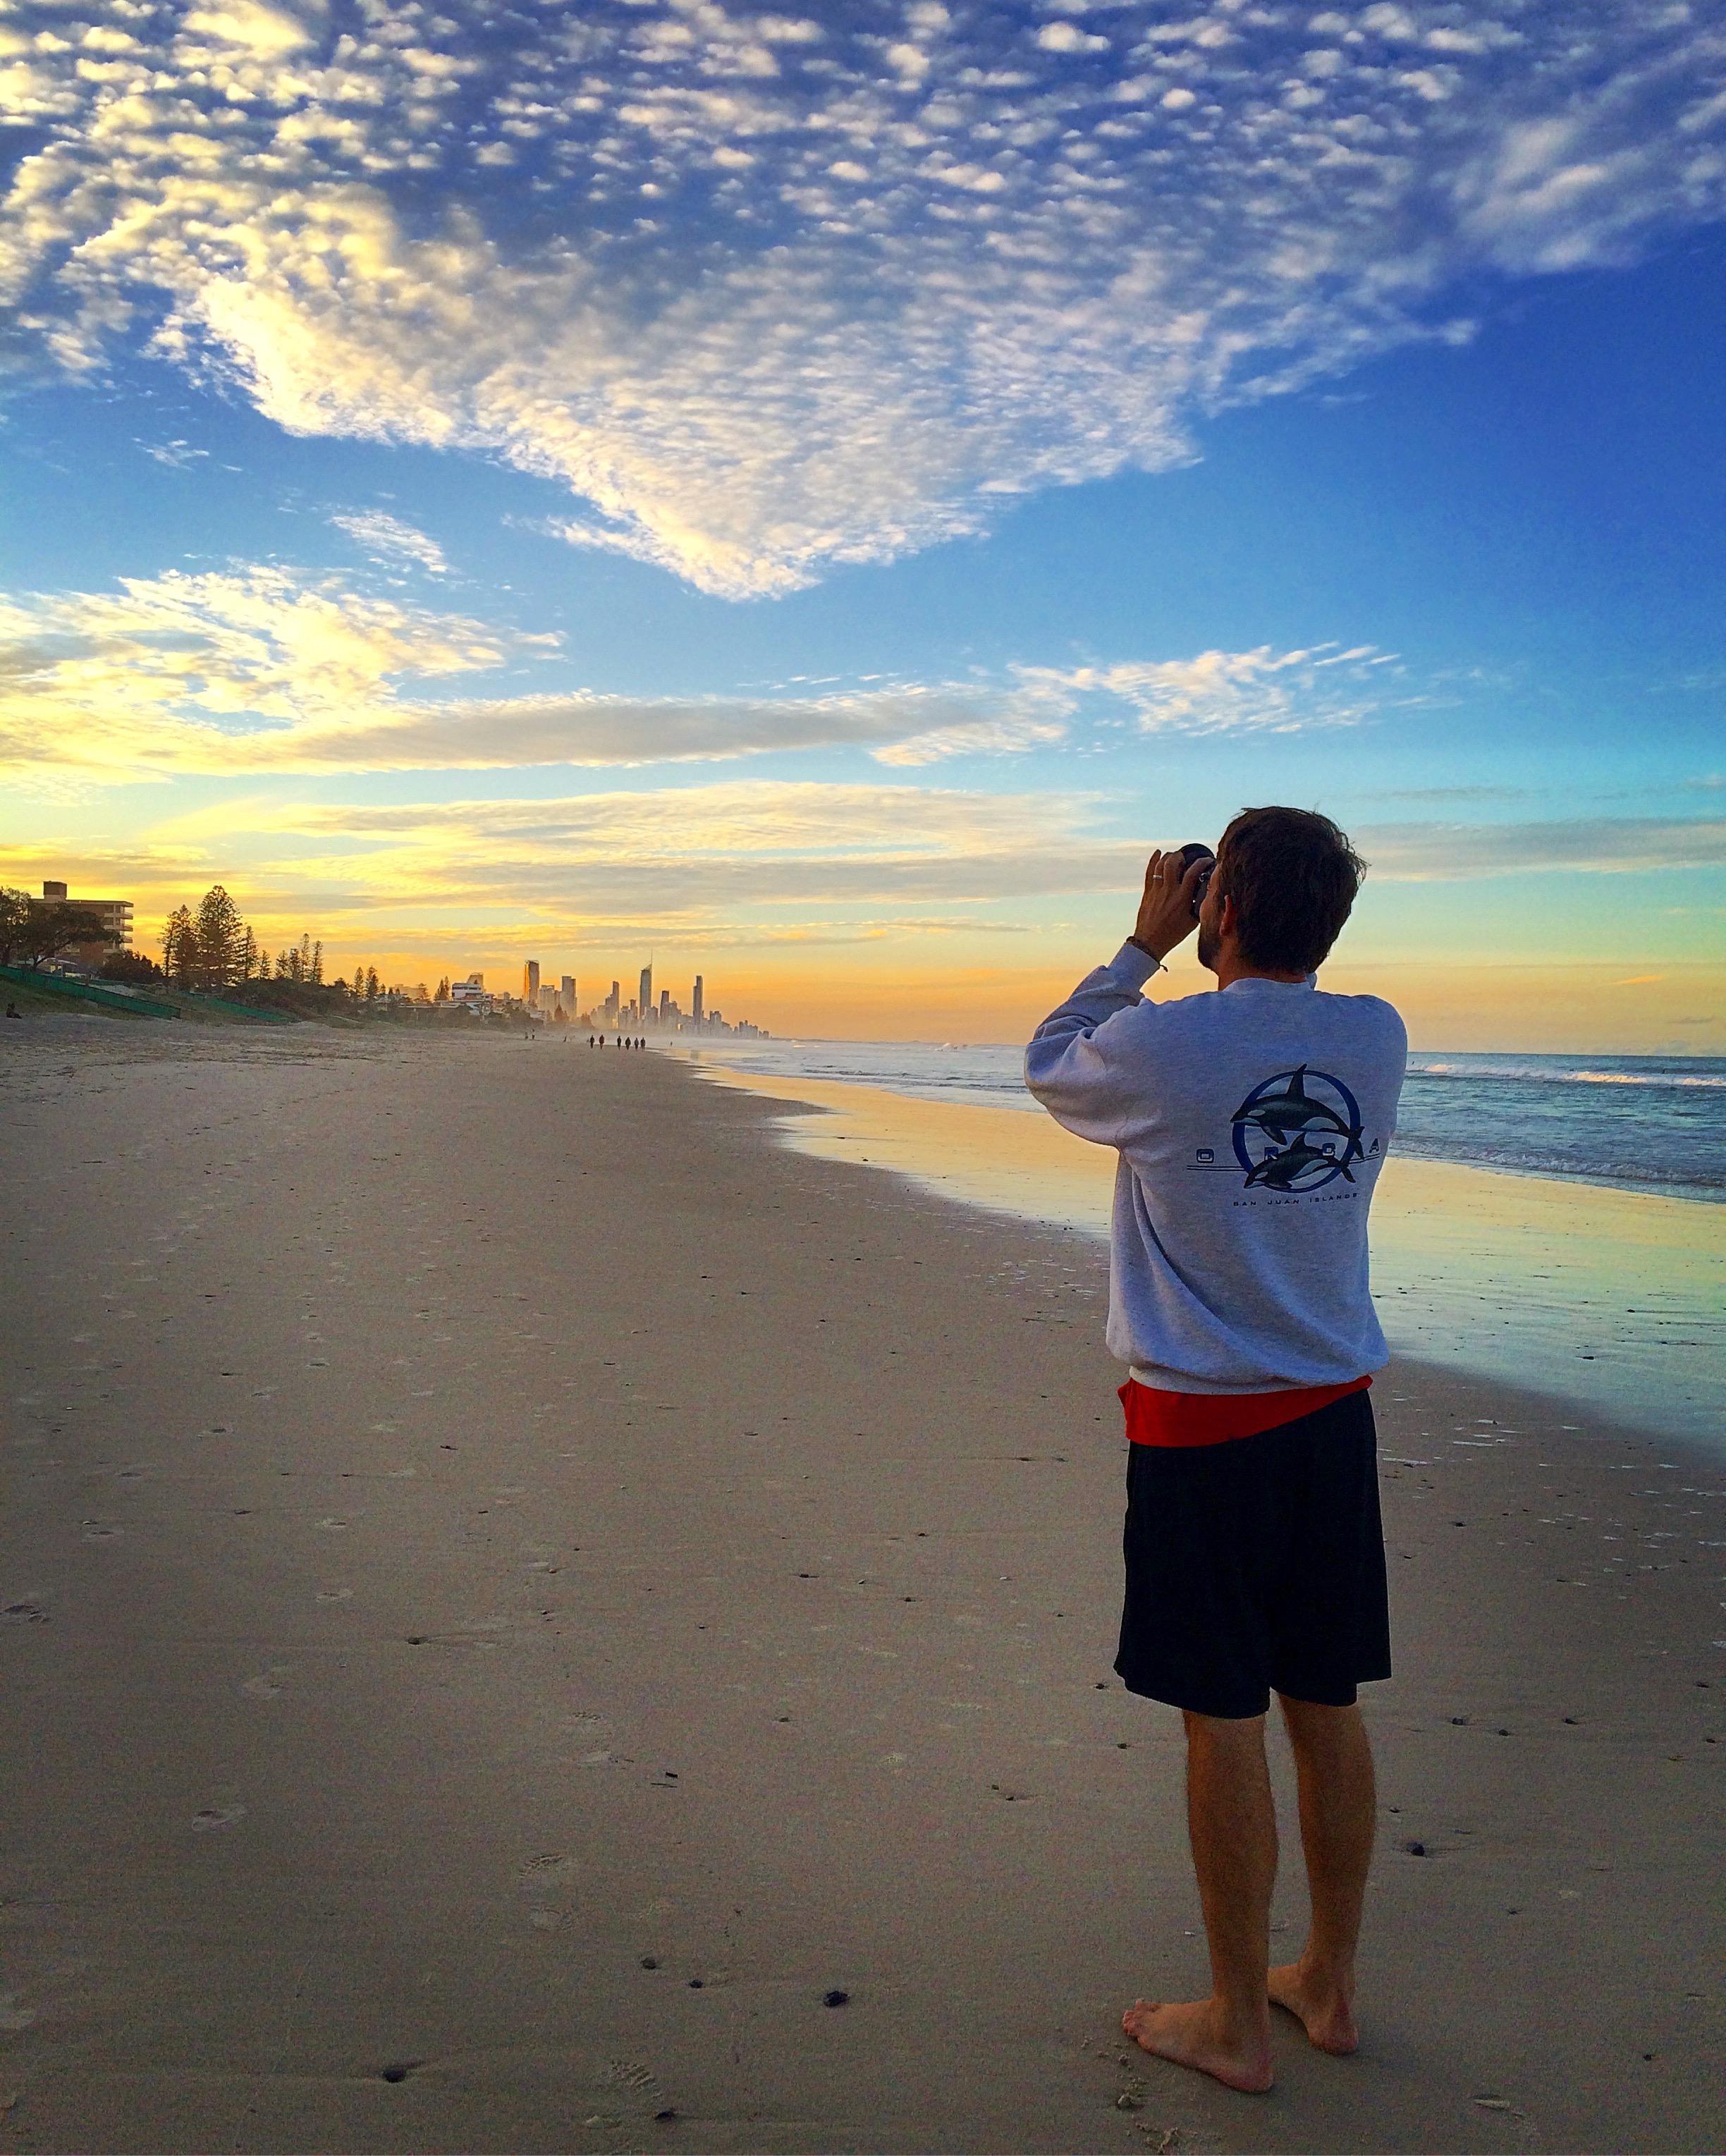 Miami Beach, Gold Coast, Australia